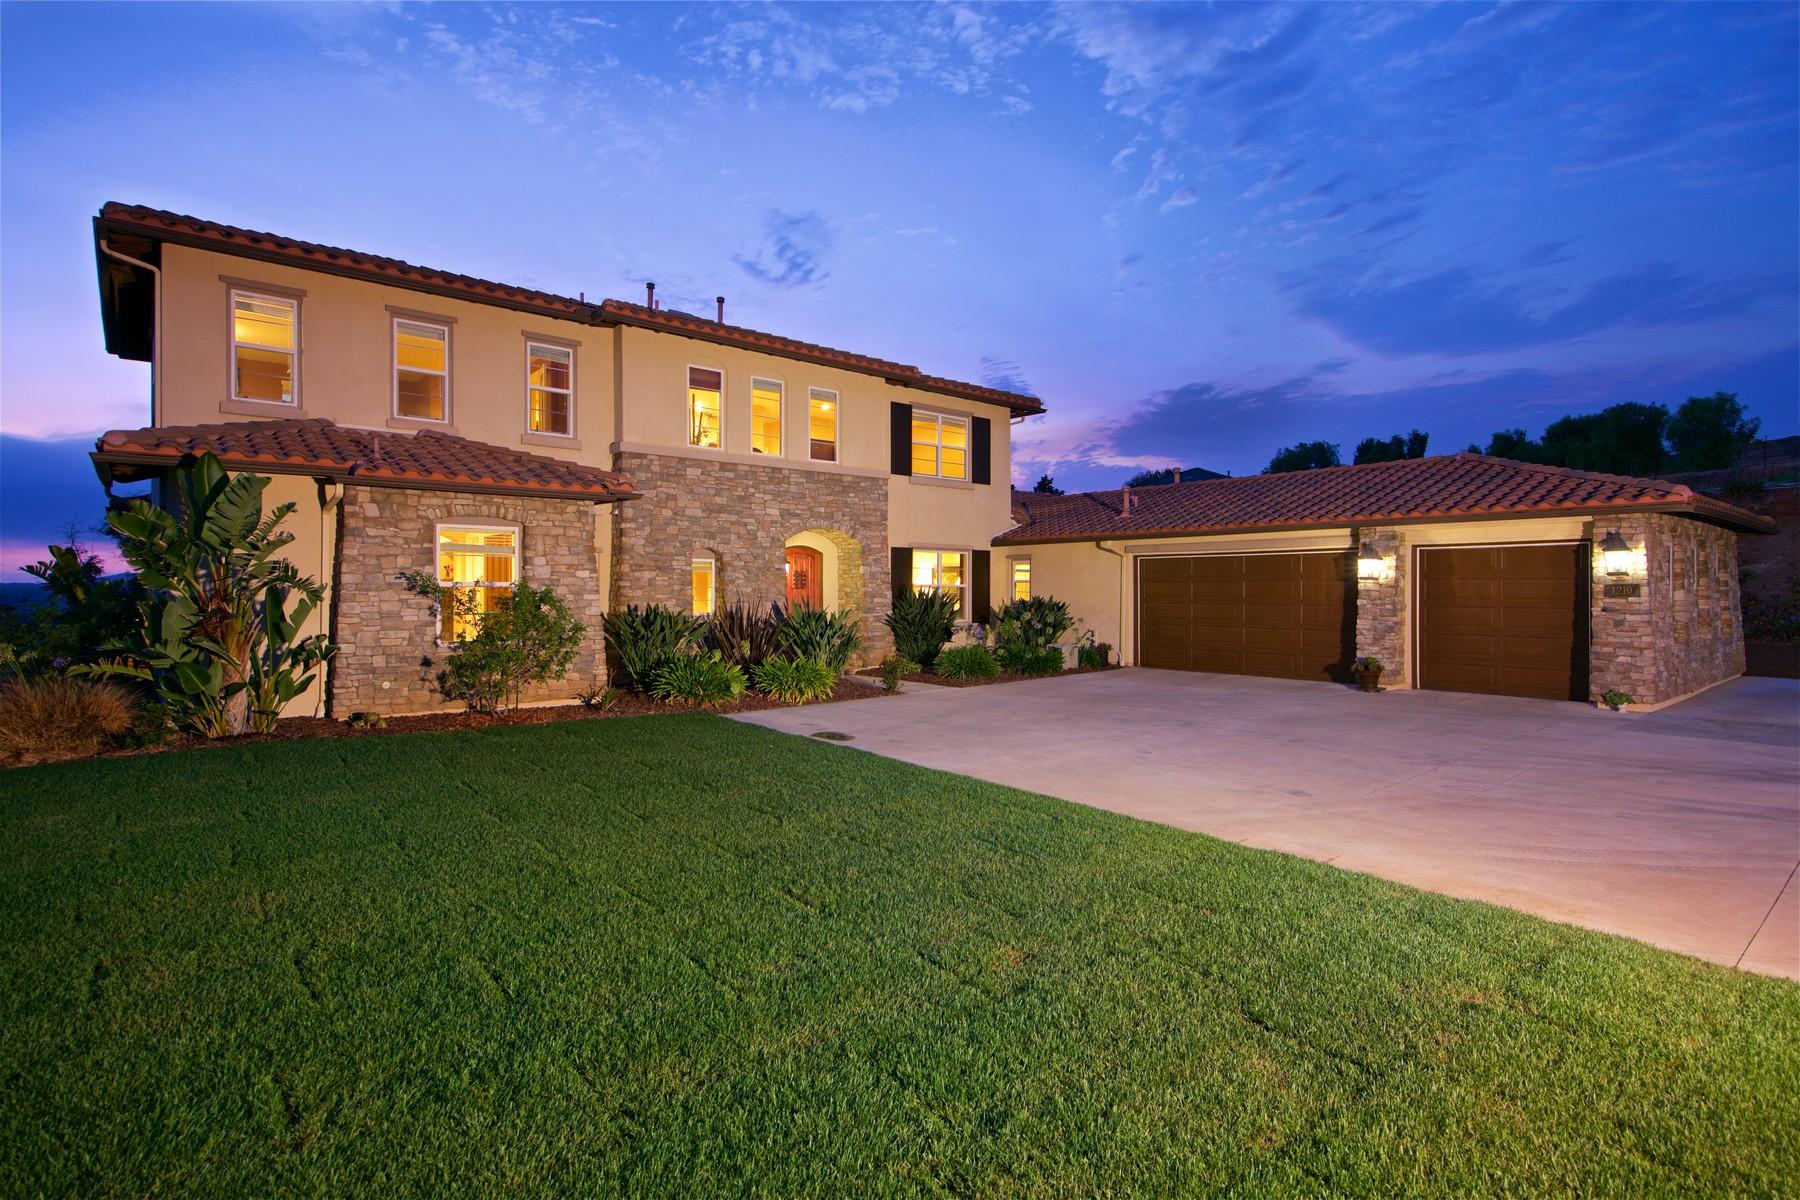 단독 가정 주택 용 매매 에 1210 Clos Duval Bonsall, 캘리포니아 92003 미국